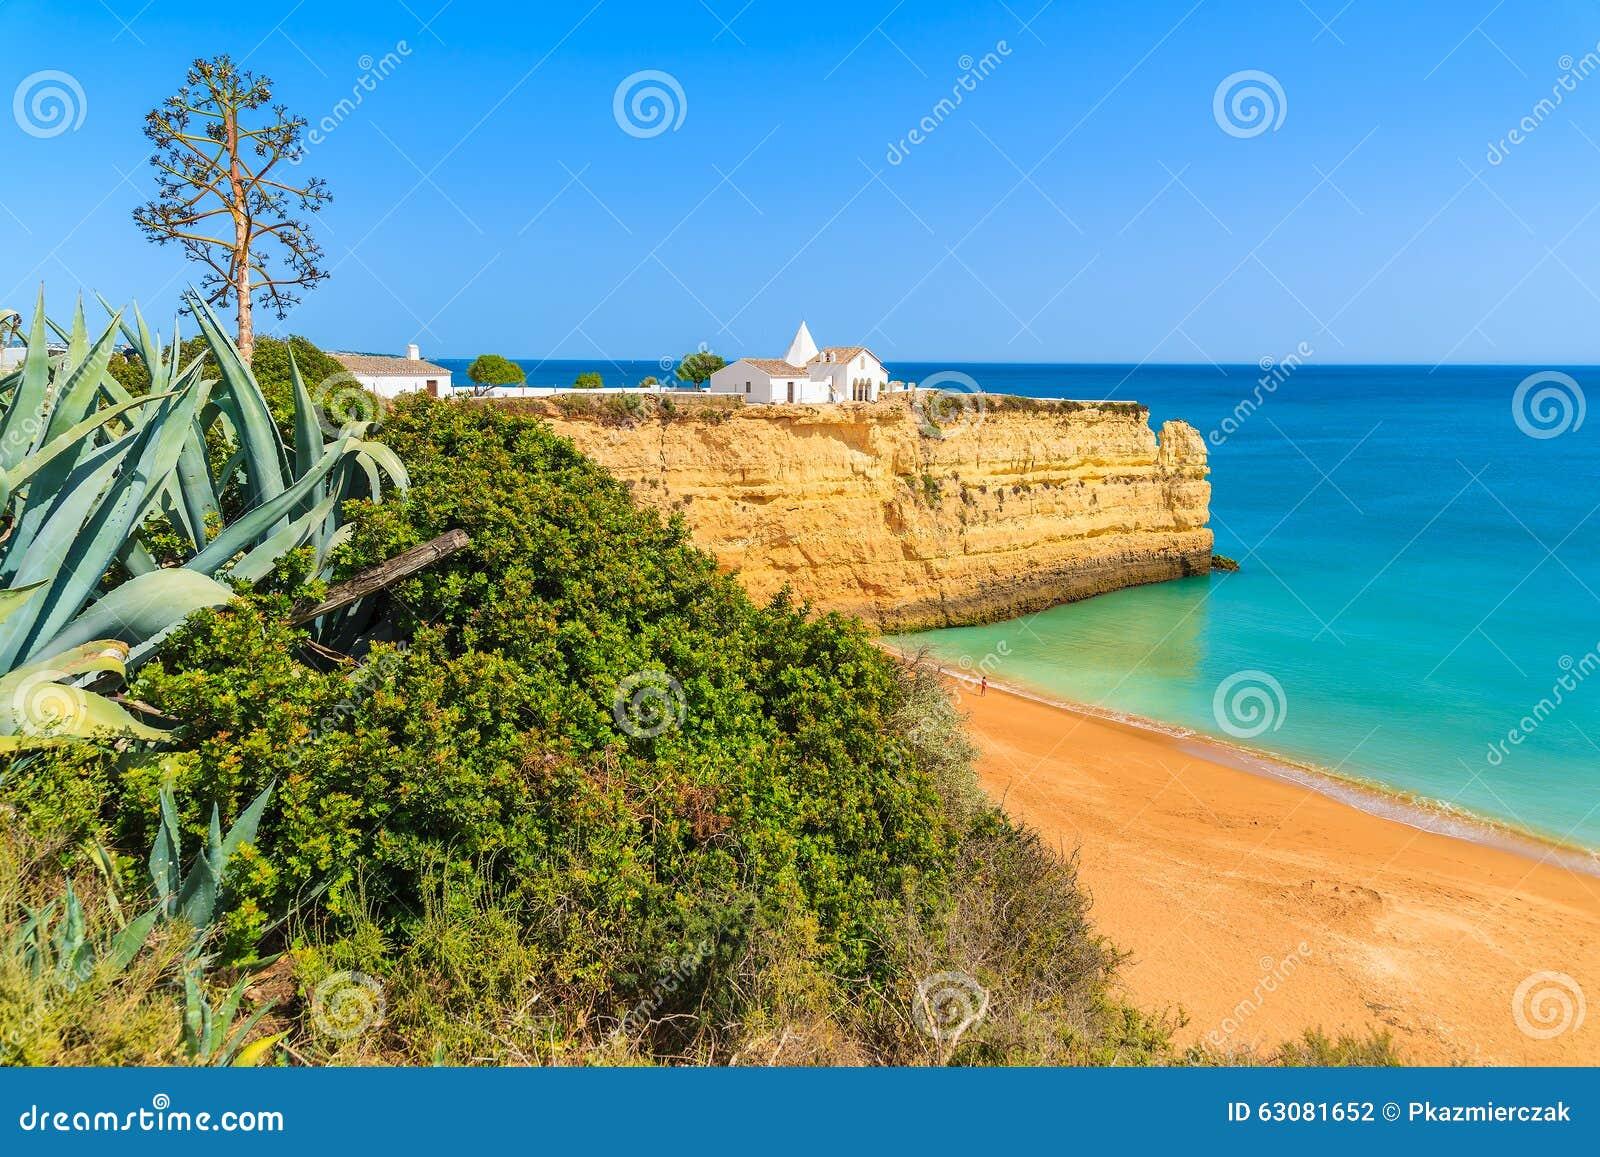 Download Petite église Blanche Sur La Falaise Photo stock - Image du roche, seascape: 63081652